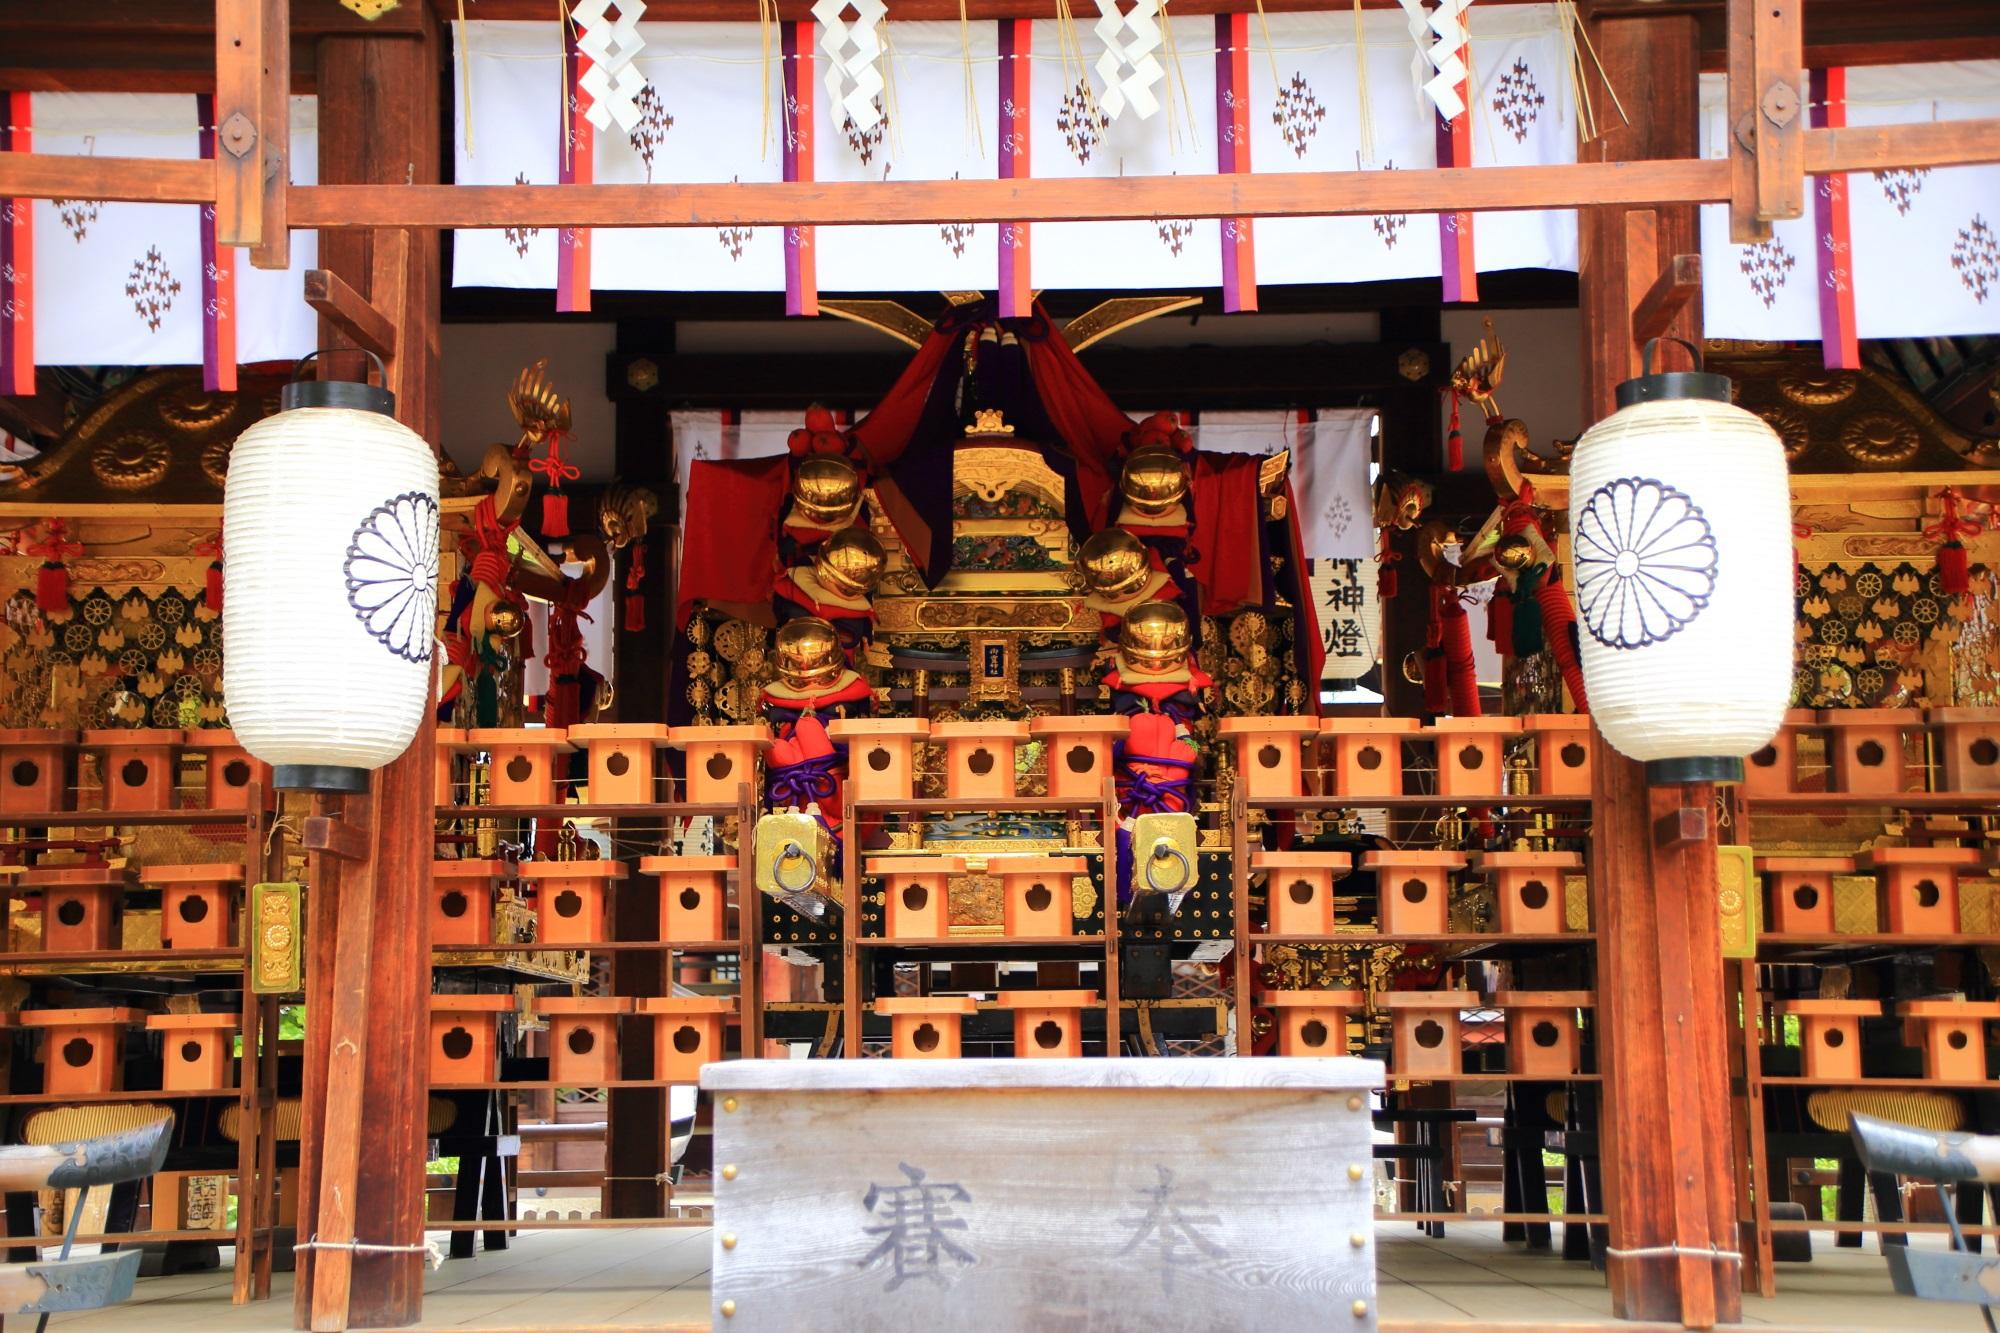 応仁の乱の勃発地として知られる上御霊神社の御霊祭の御神輿